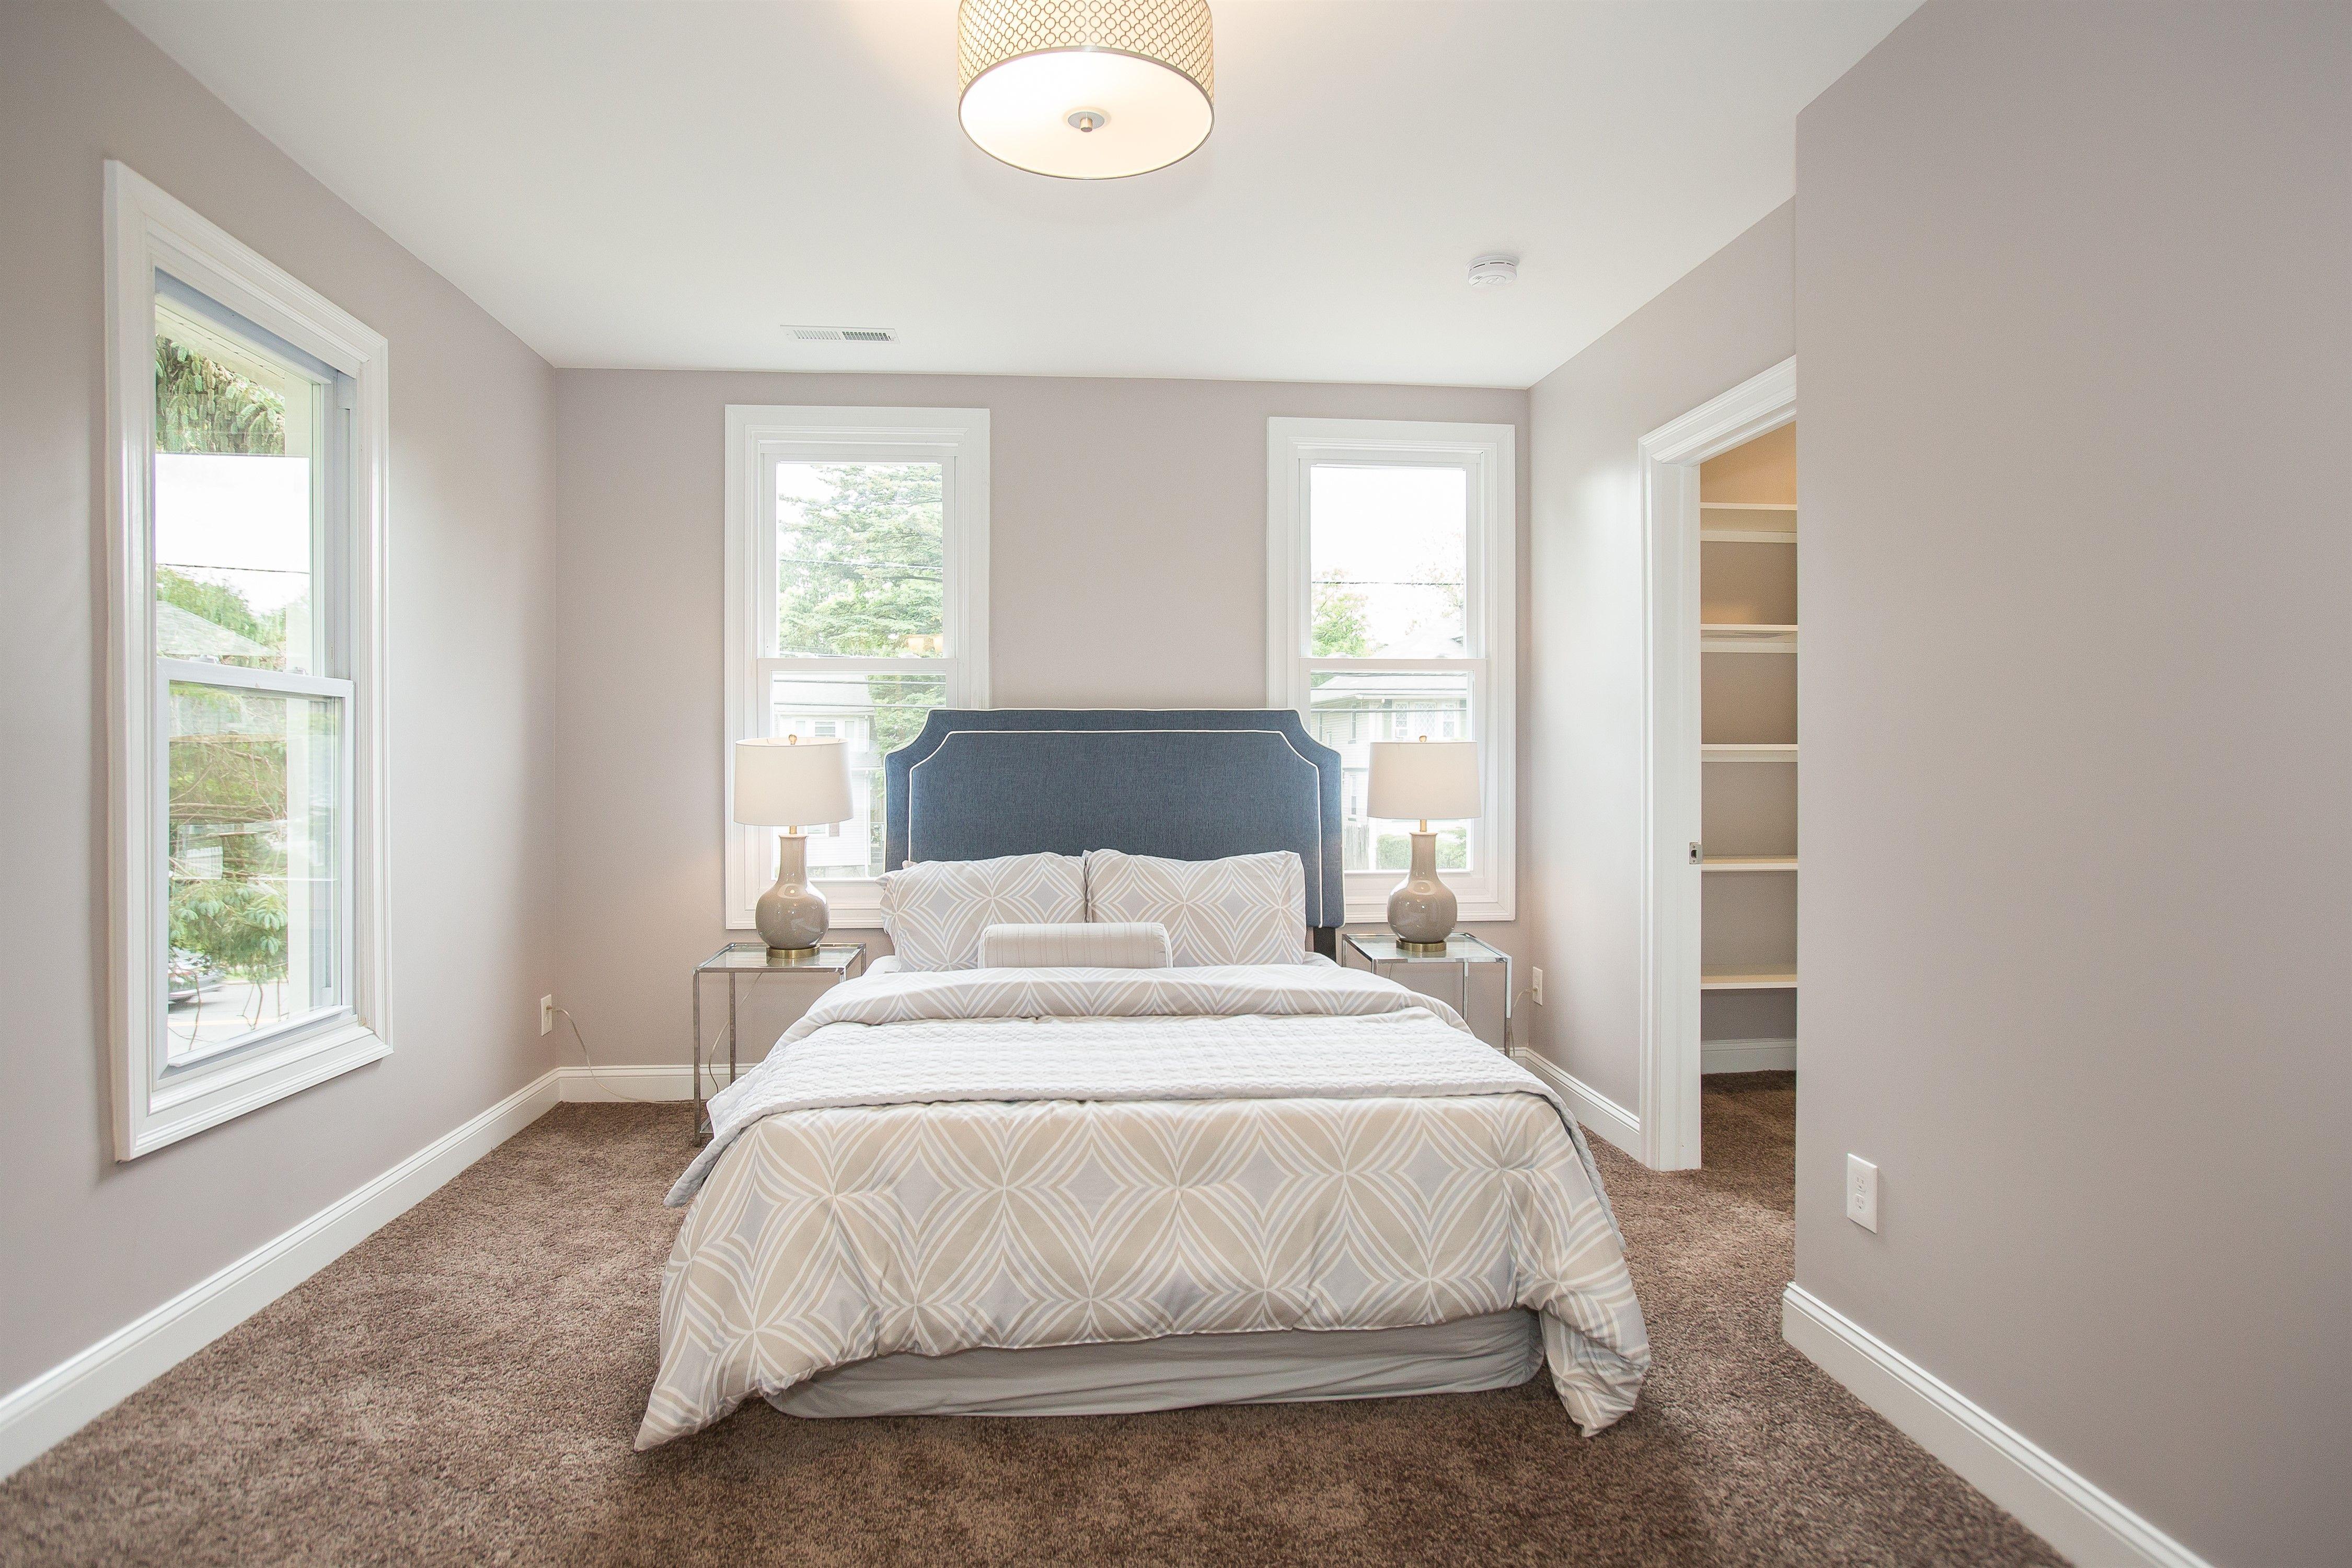 15+ Natural light master bedroom info cpns terbaru